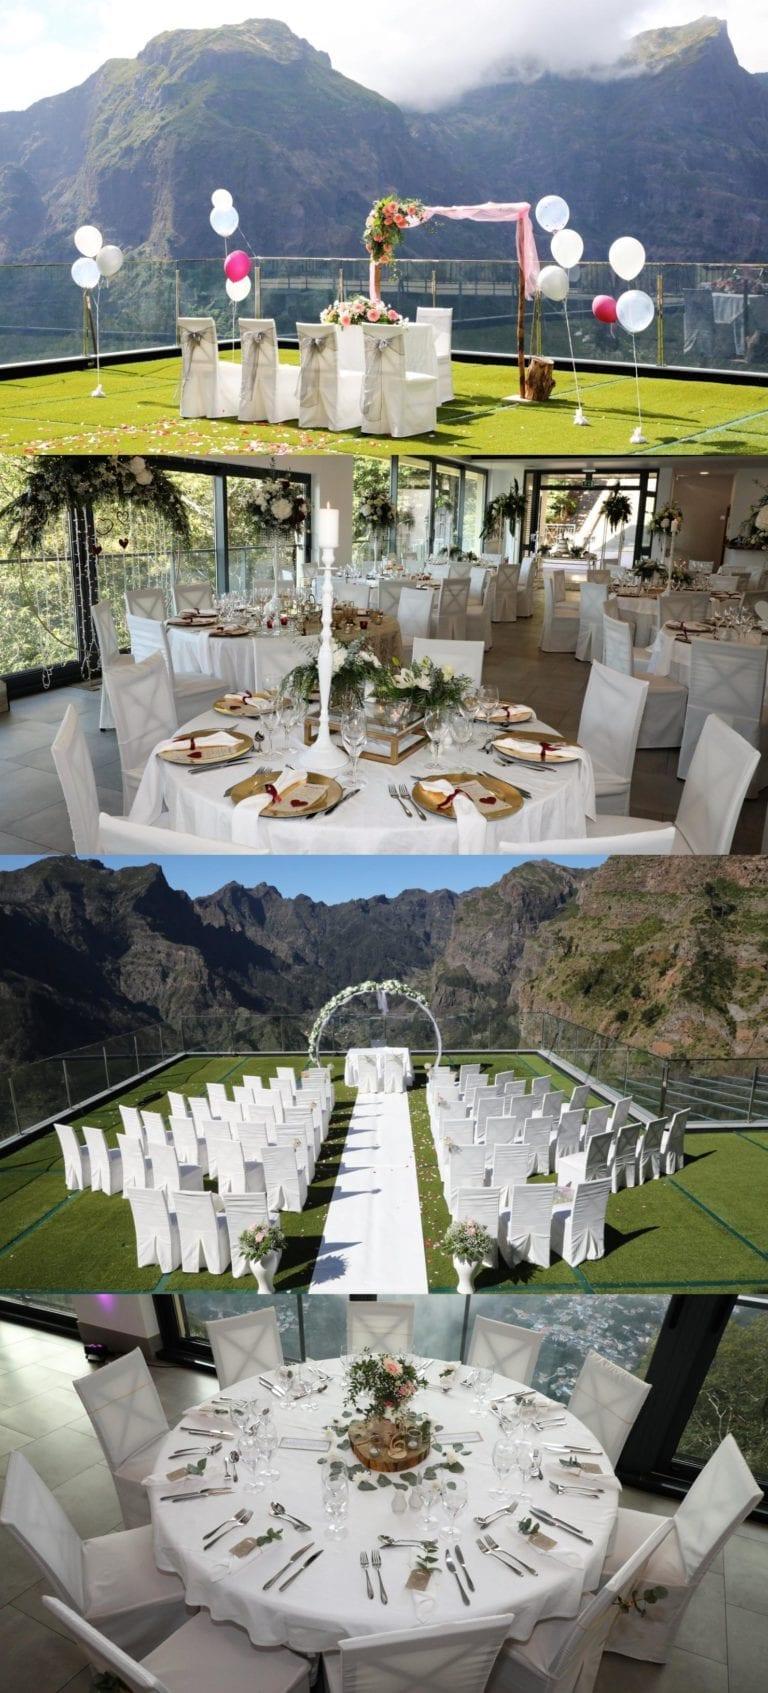 Piękne miejsce na ślub w górach - ślub w górach za granicą - Madera ślub - miejsca na ślub w górach